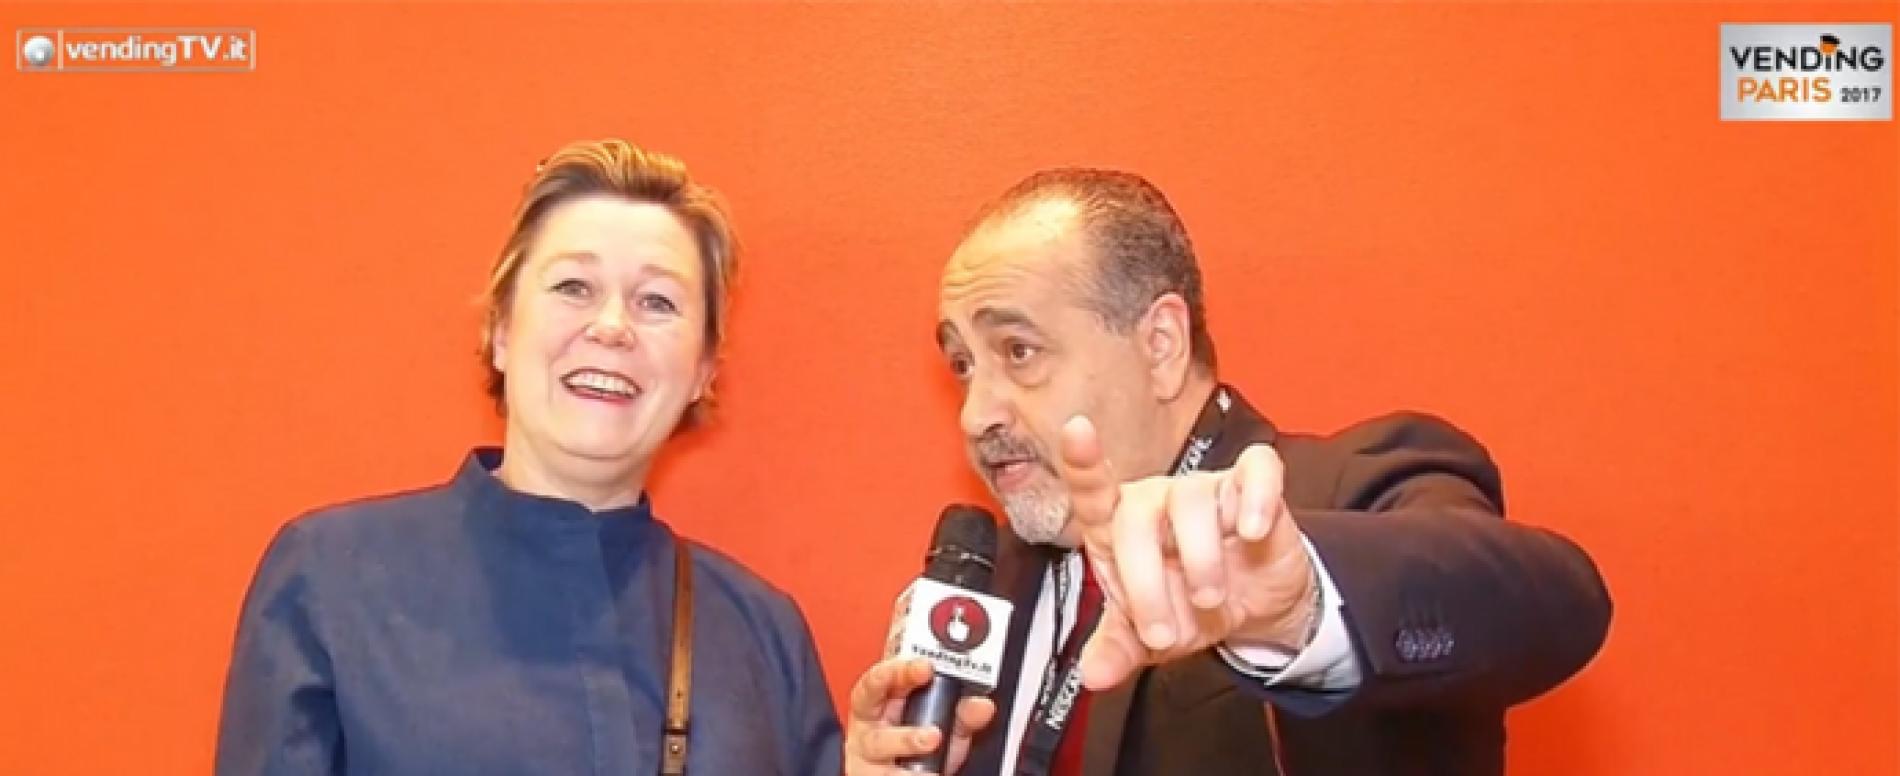 Vending Paris 2017. Intervista con la direttrice S. Gaudy